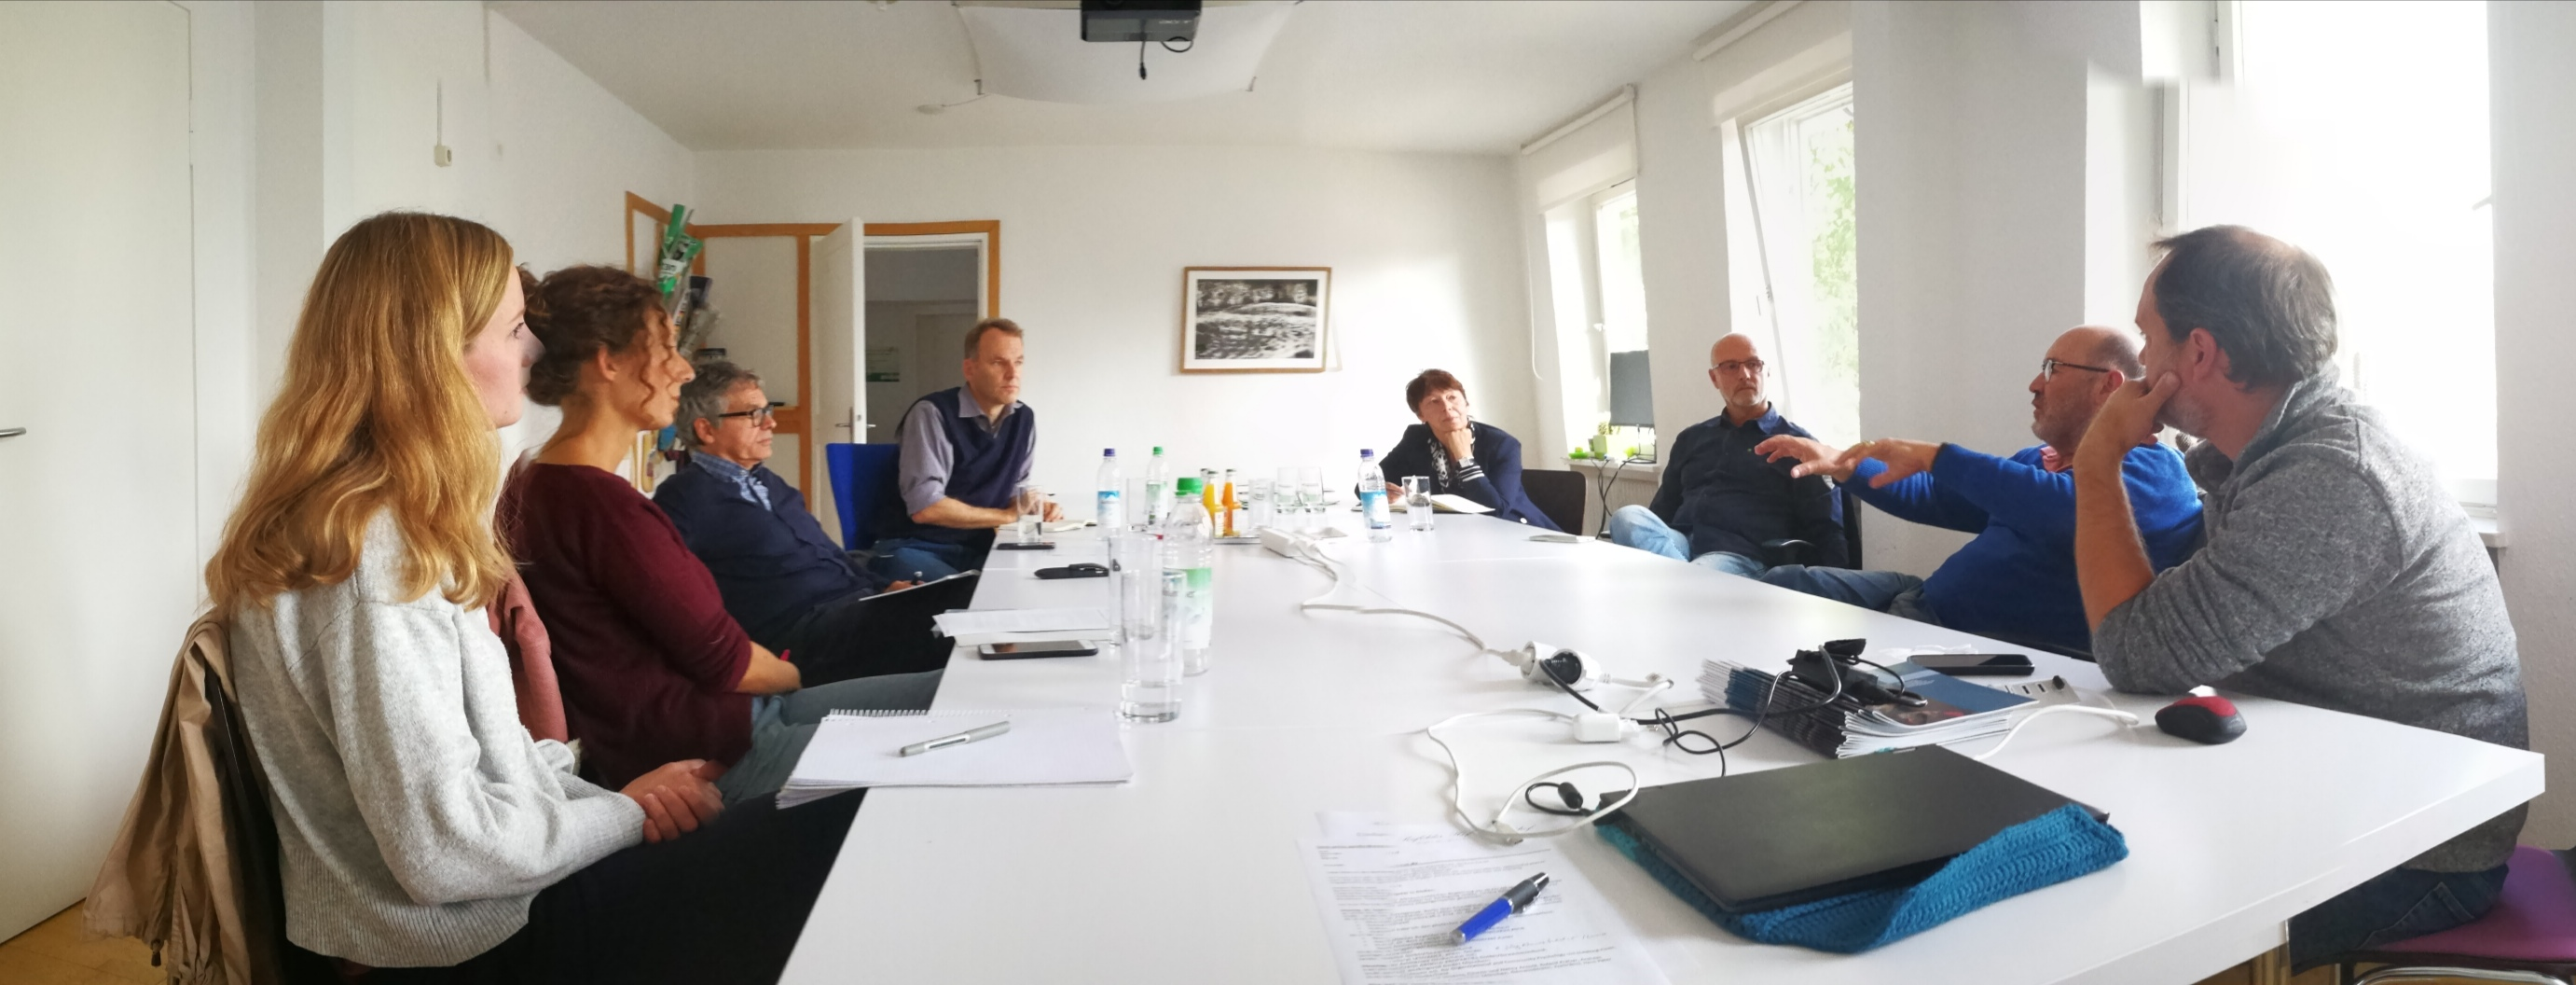 Kleinstadtakademie-Gespräche im Ammersee Denkerhaus